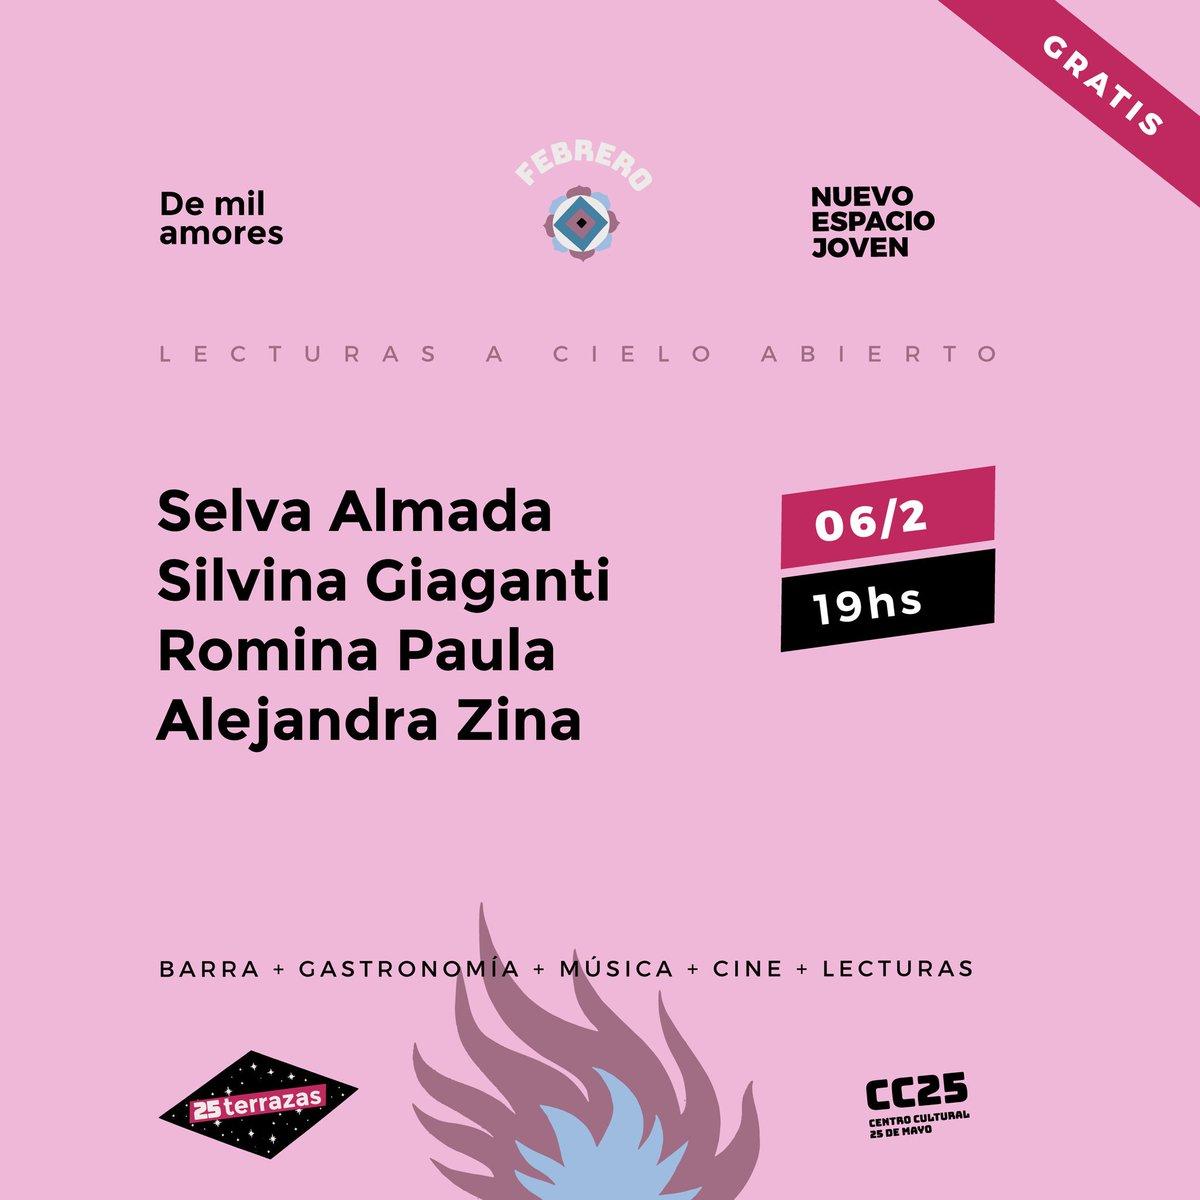 Silvina Giaganti On Twitter Plan Verano Y Lecturas En La